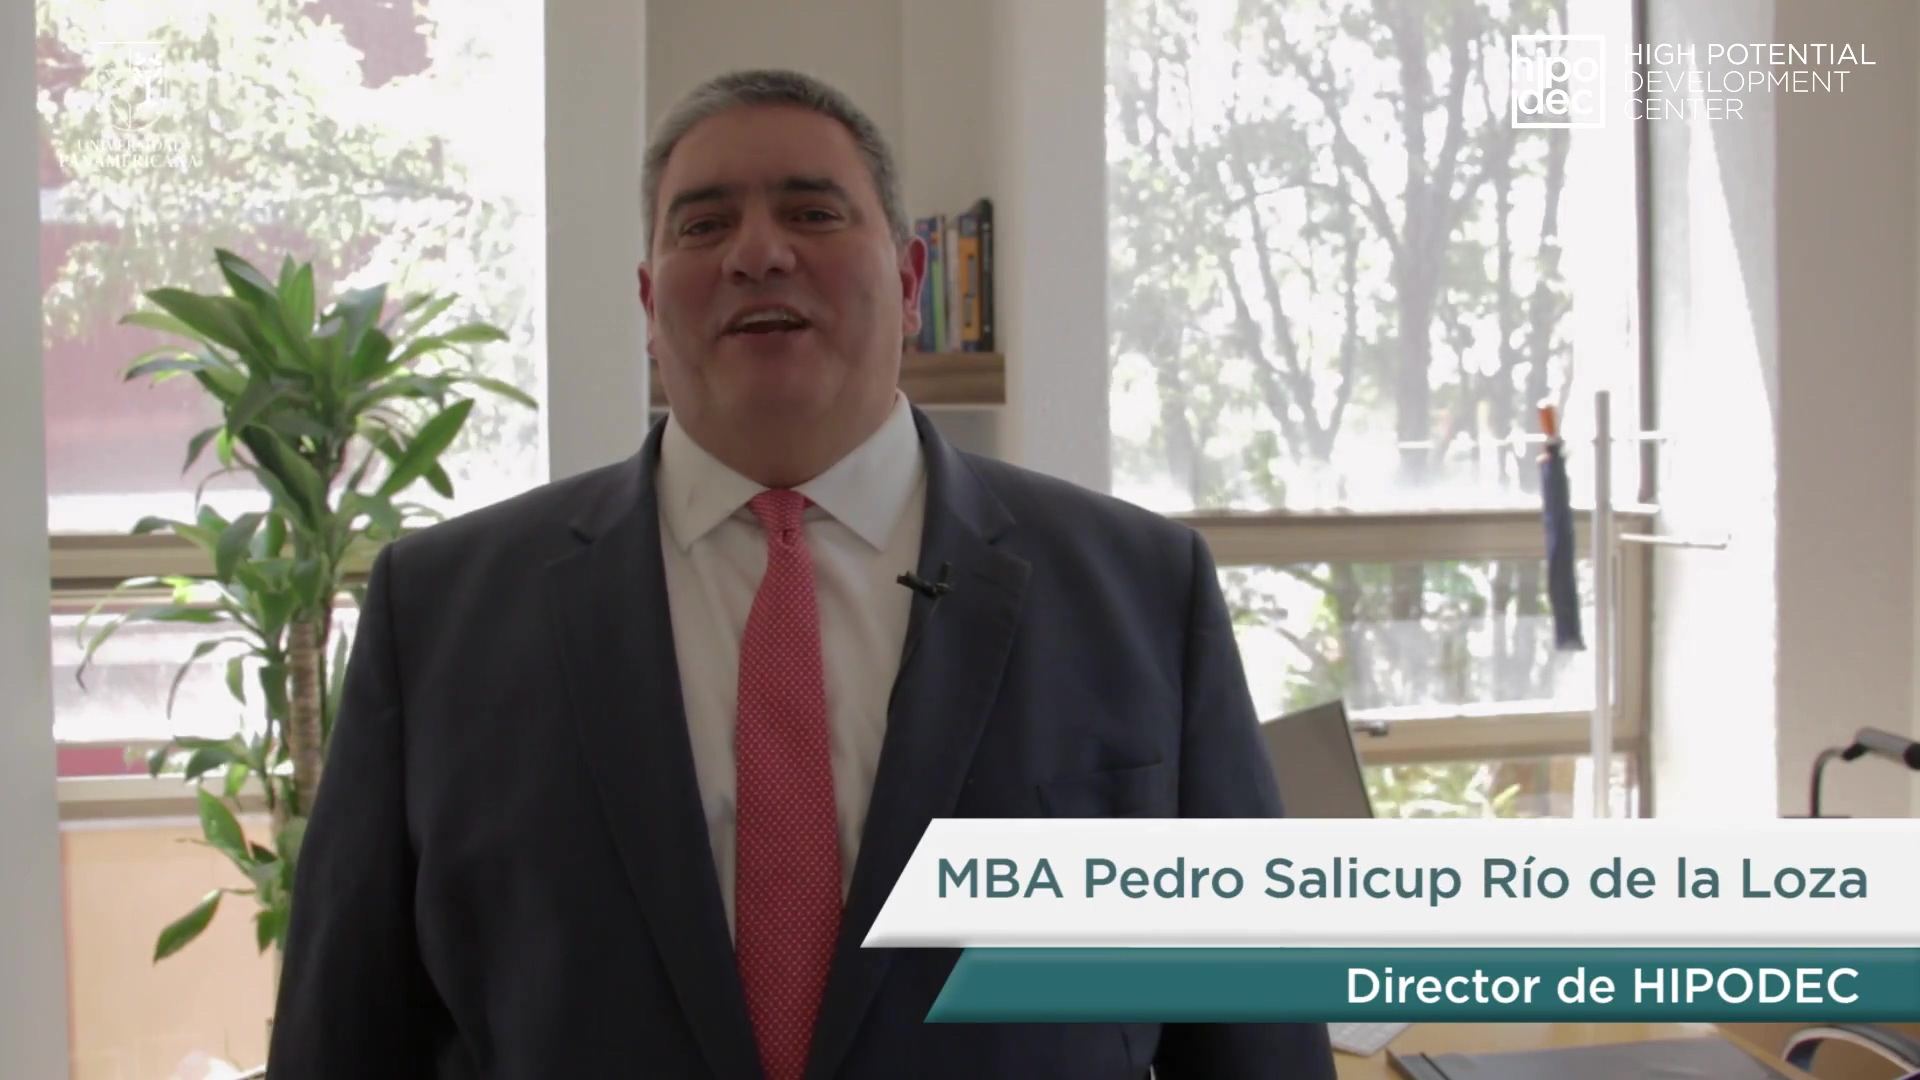 Video Hipodec - Pedro Salicrup